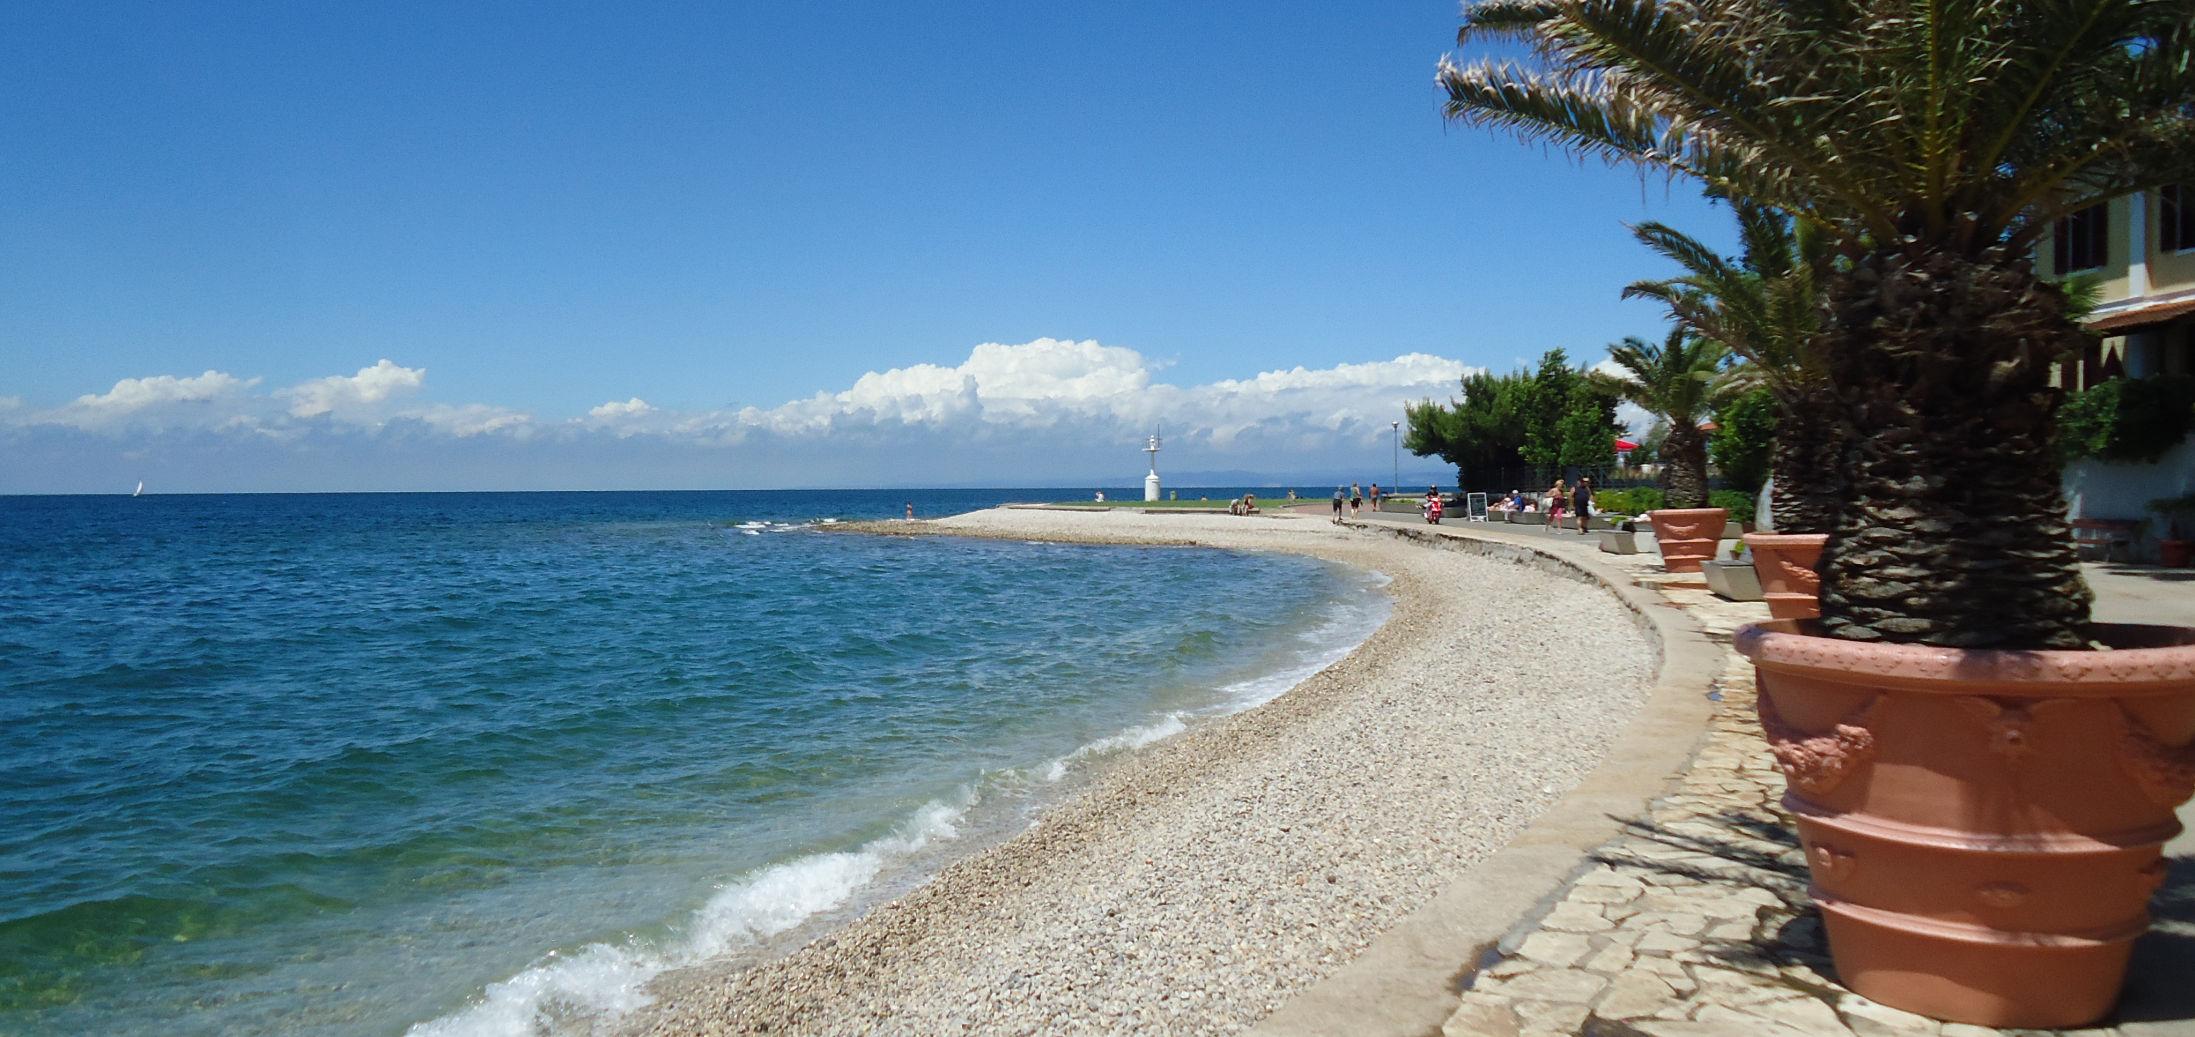 06izola_beachfront